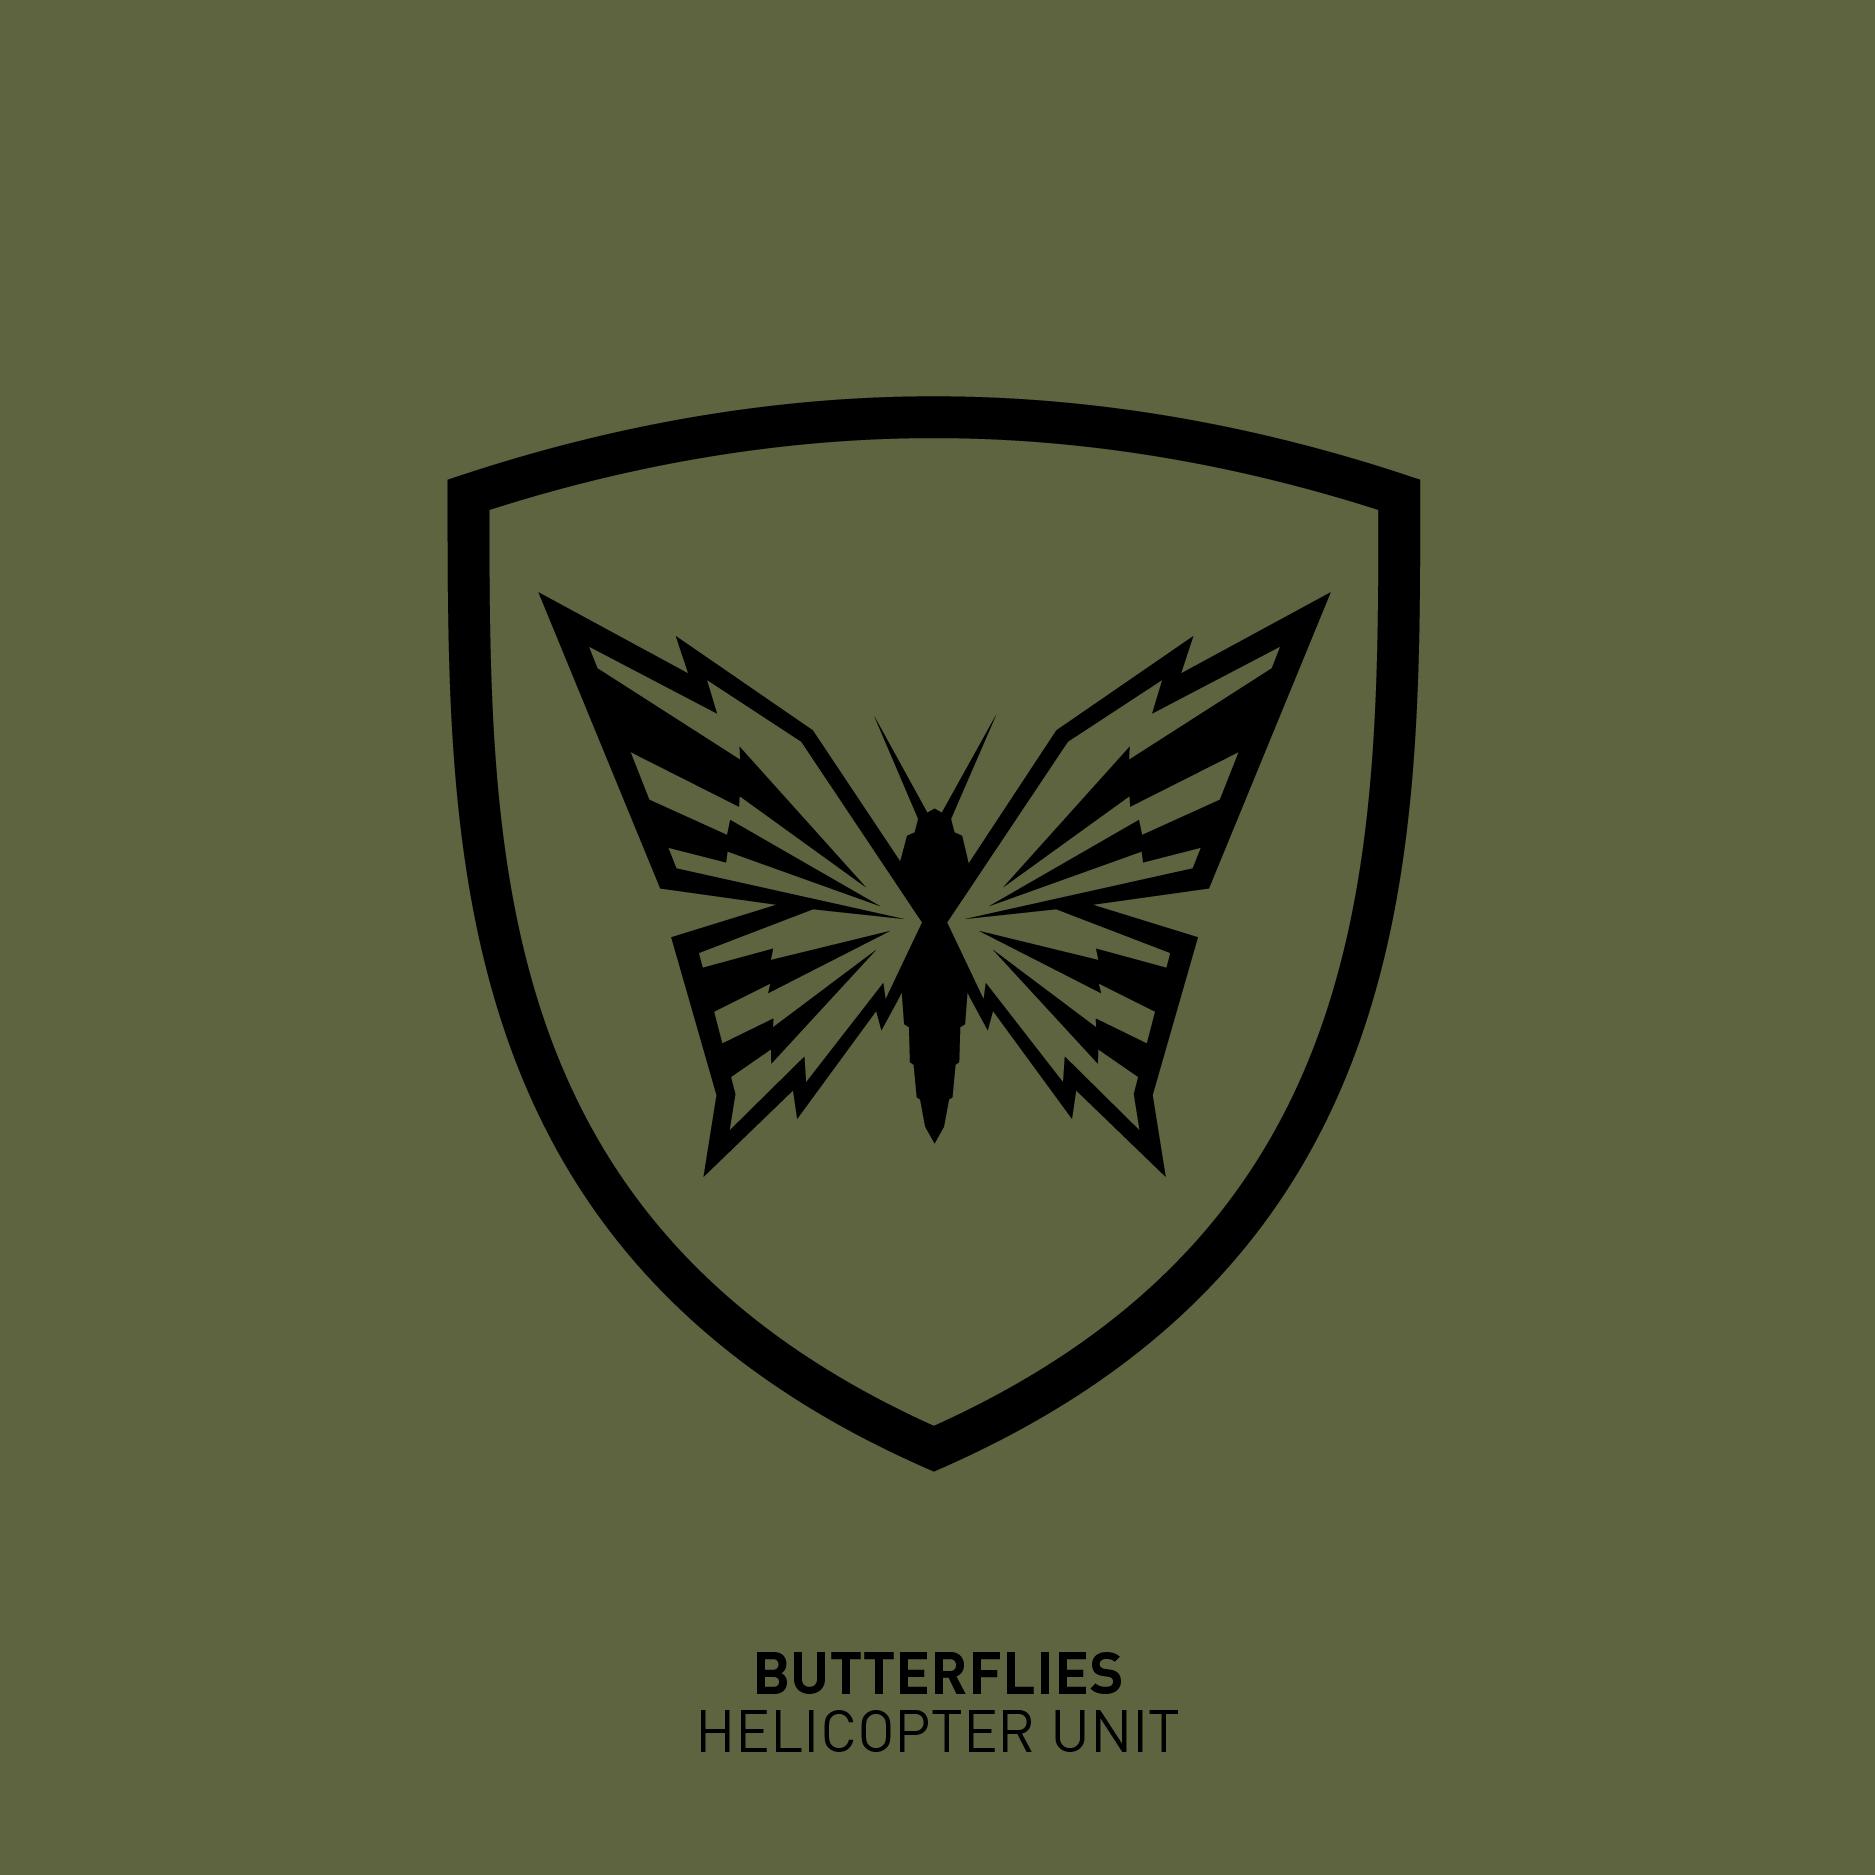 07butterflies-01